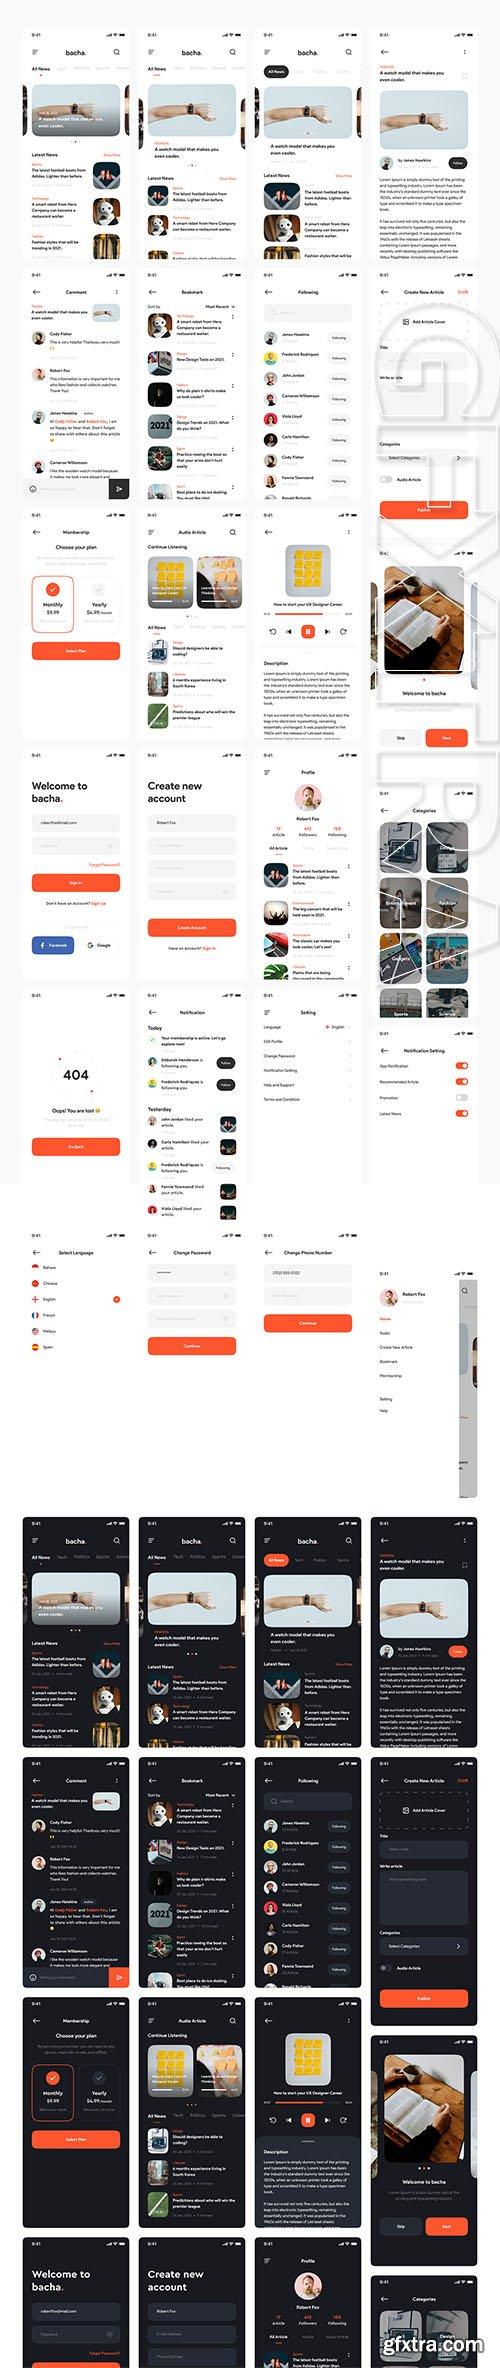 Bacha - News App UI Kit